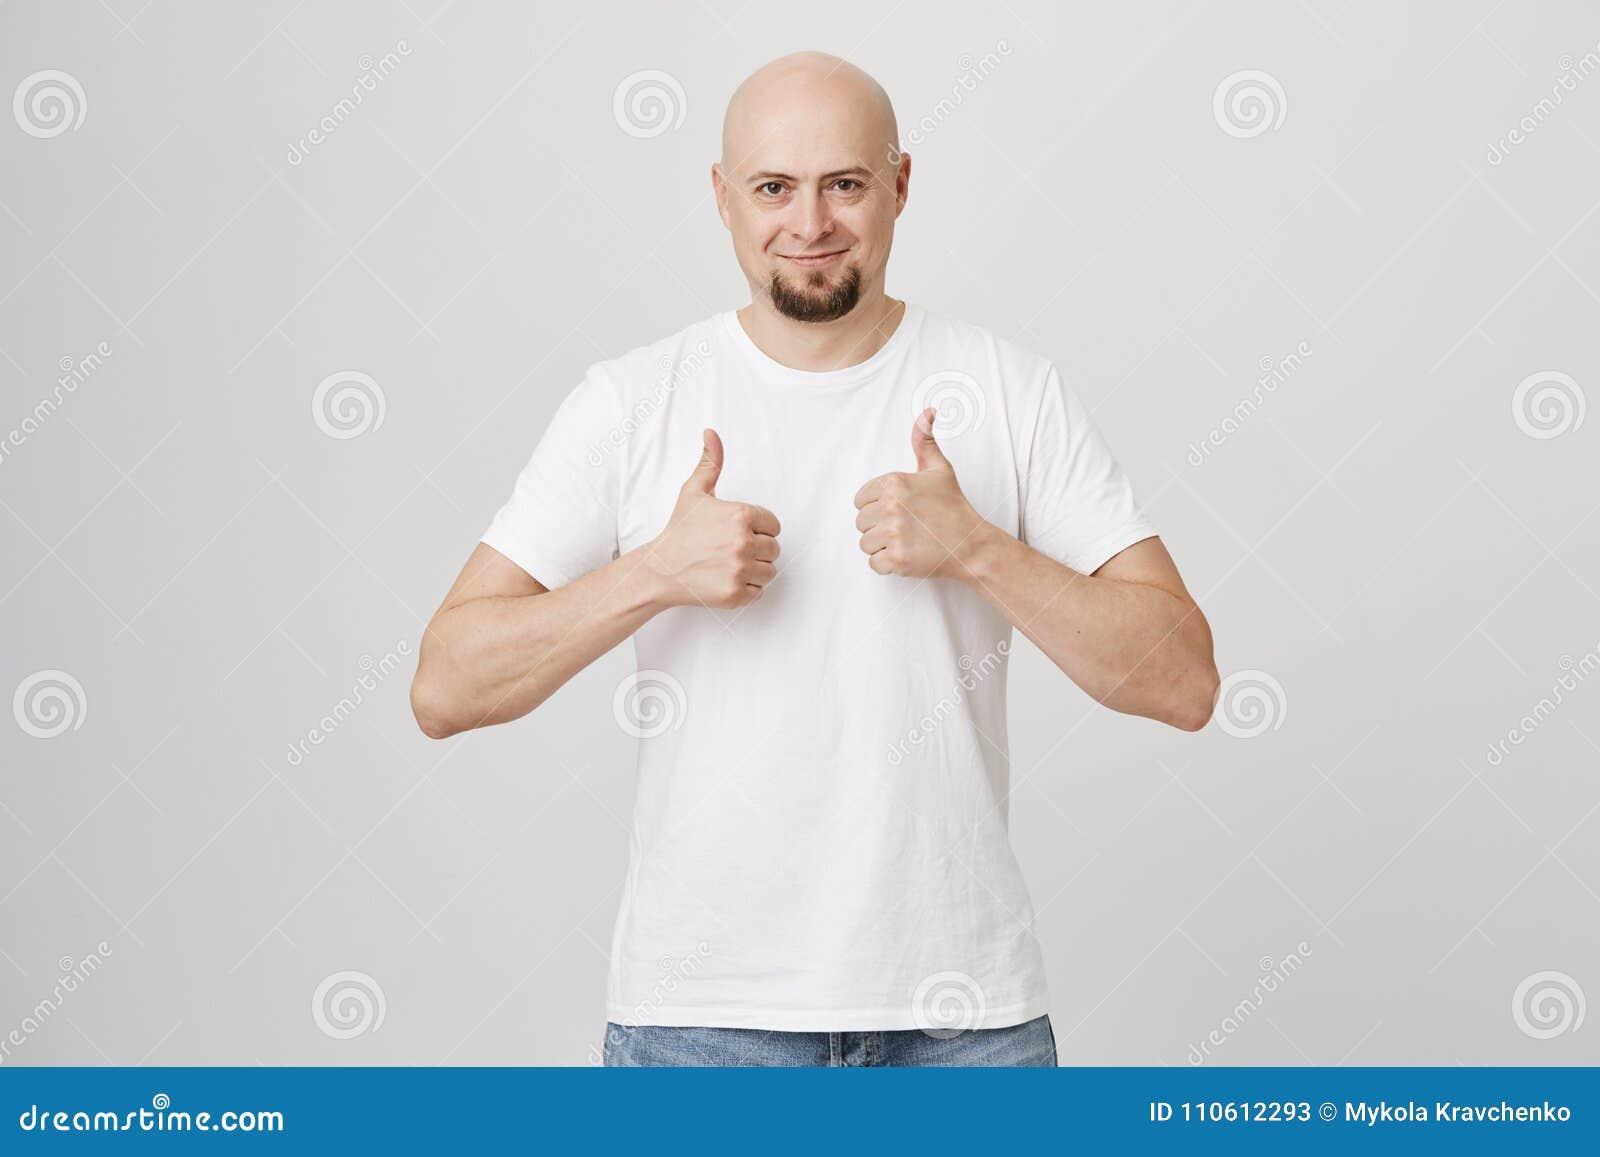 Portret van gelukkige tevreden kale gebaarde duimen tonen en kerel die, zijnd tevreden met punt dat hij, status heeft gekocht gli